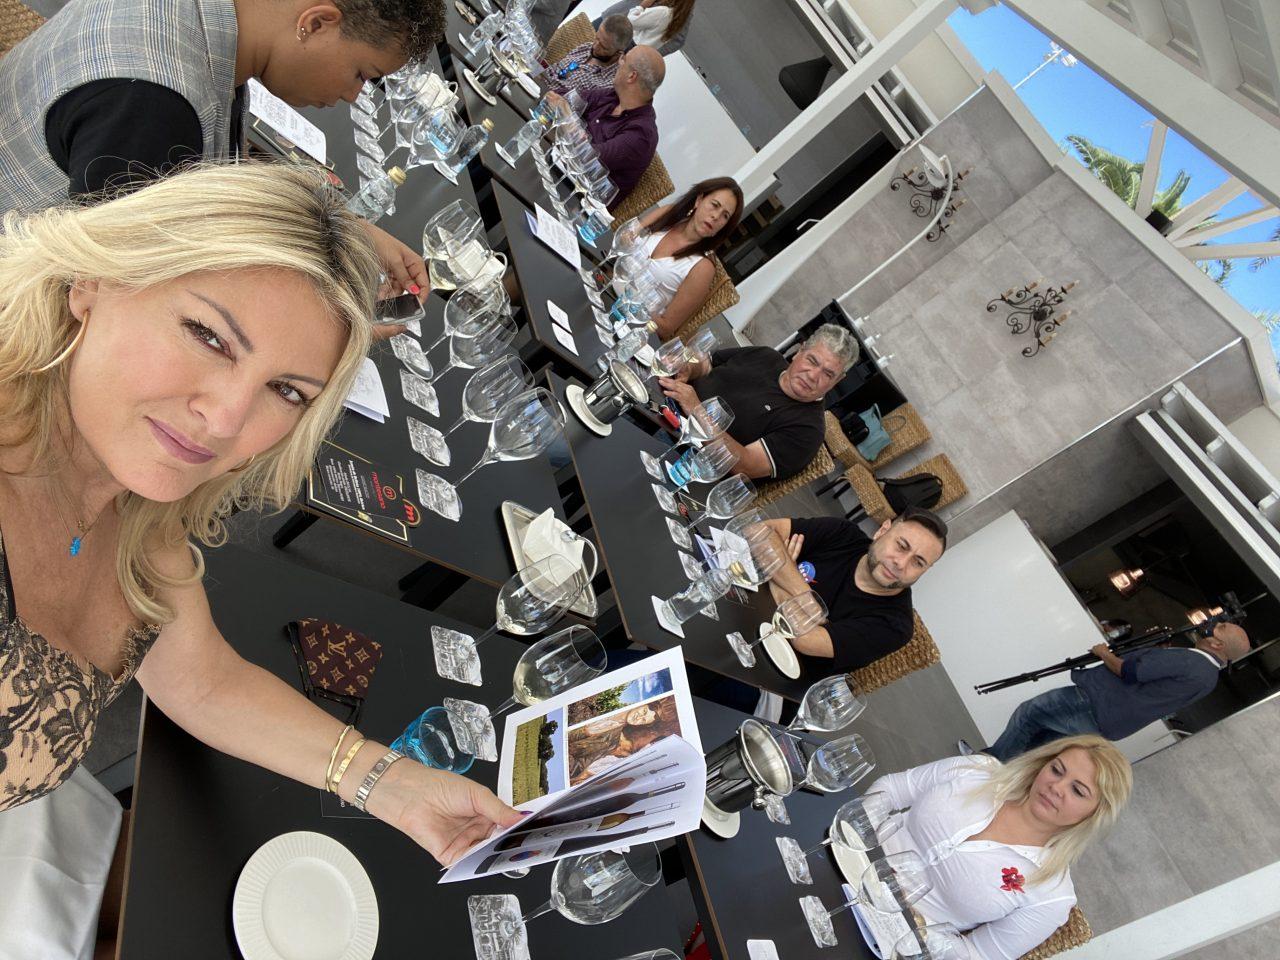 Estuvieron invitados varios propietarios y representantes de algunos de los mejores restaurantes de Gran Canaria.